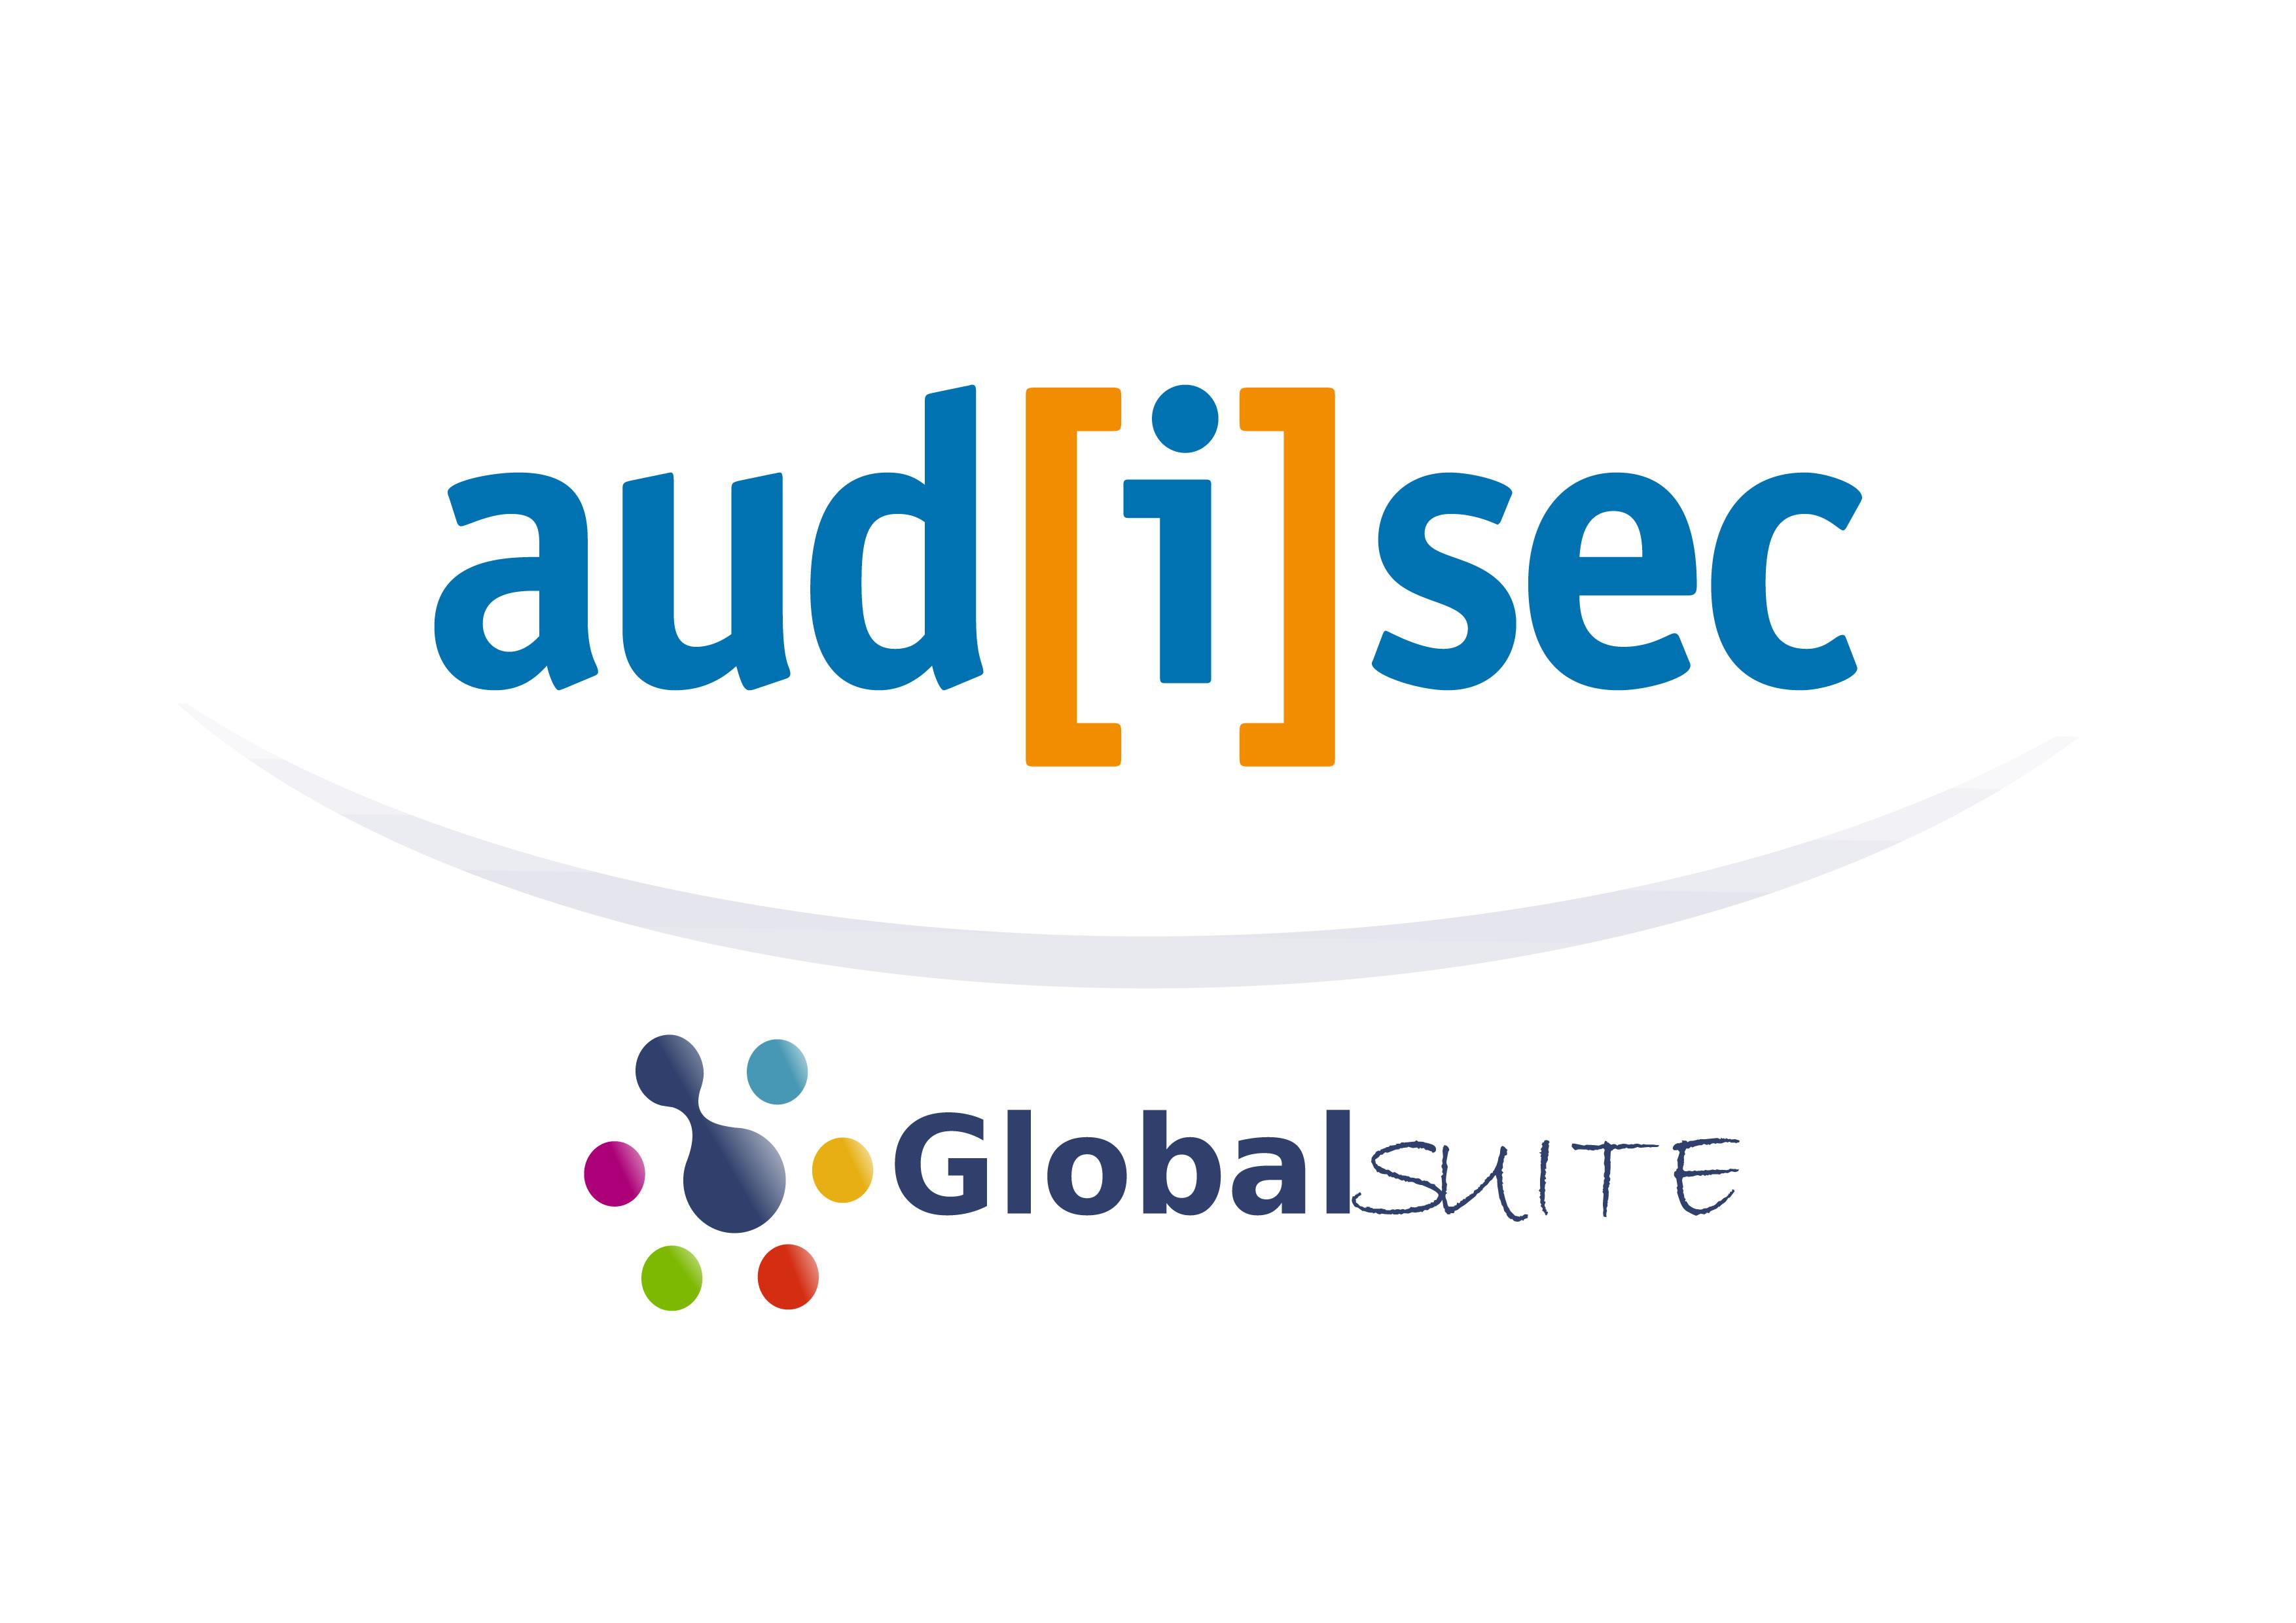 Logo Audisec